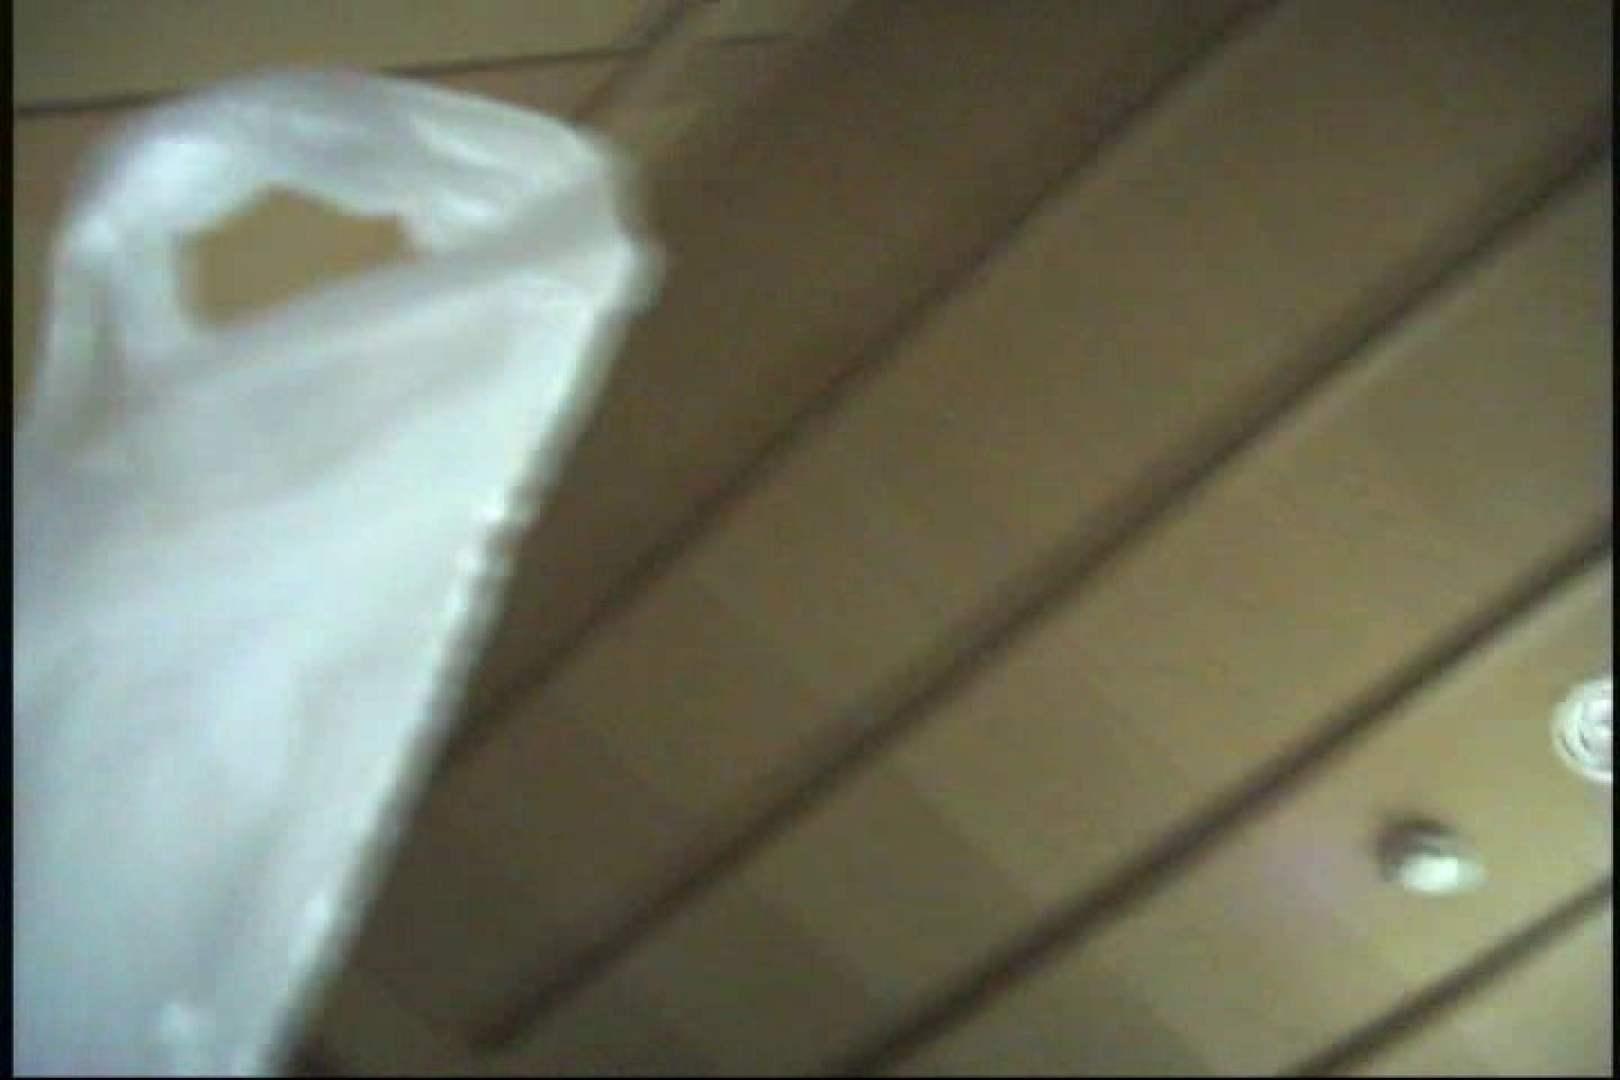 いっくんの調教シリーズ「未亡人みずほ27歳市役所職員」Vol.7 浴衣ギャル  89pic 42